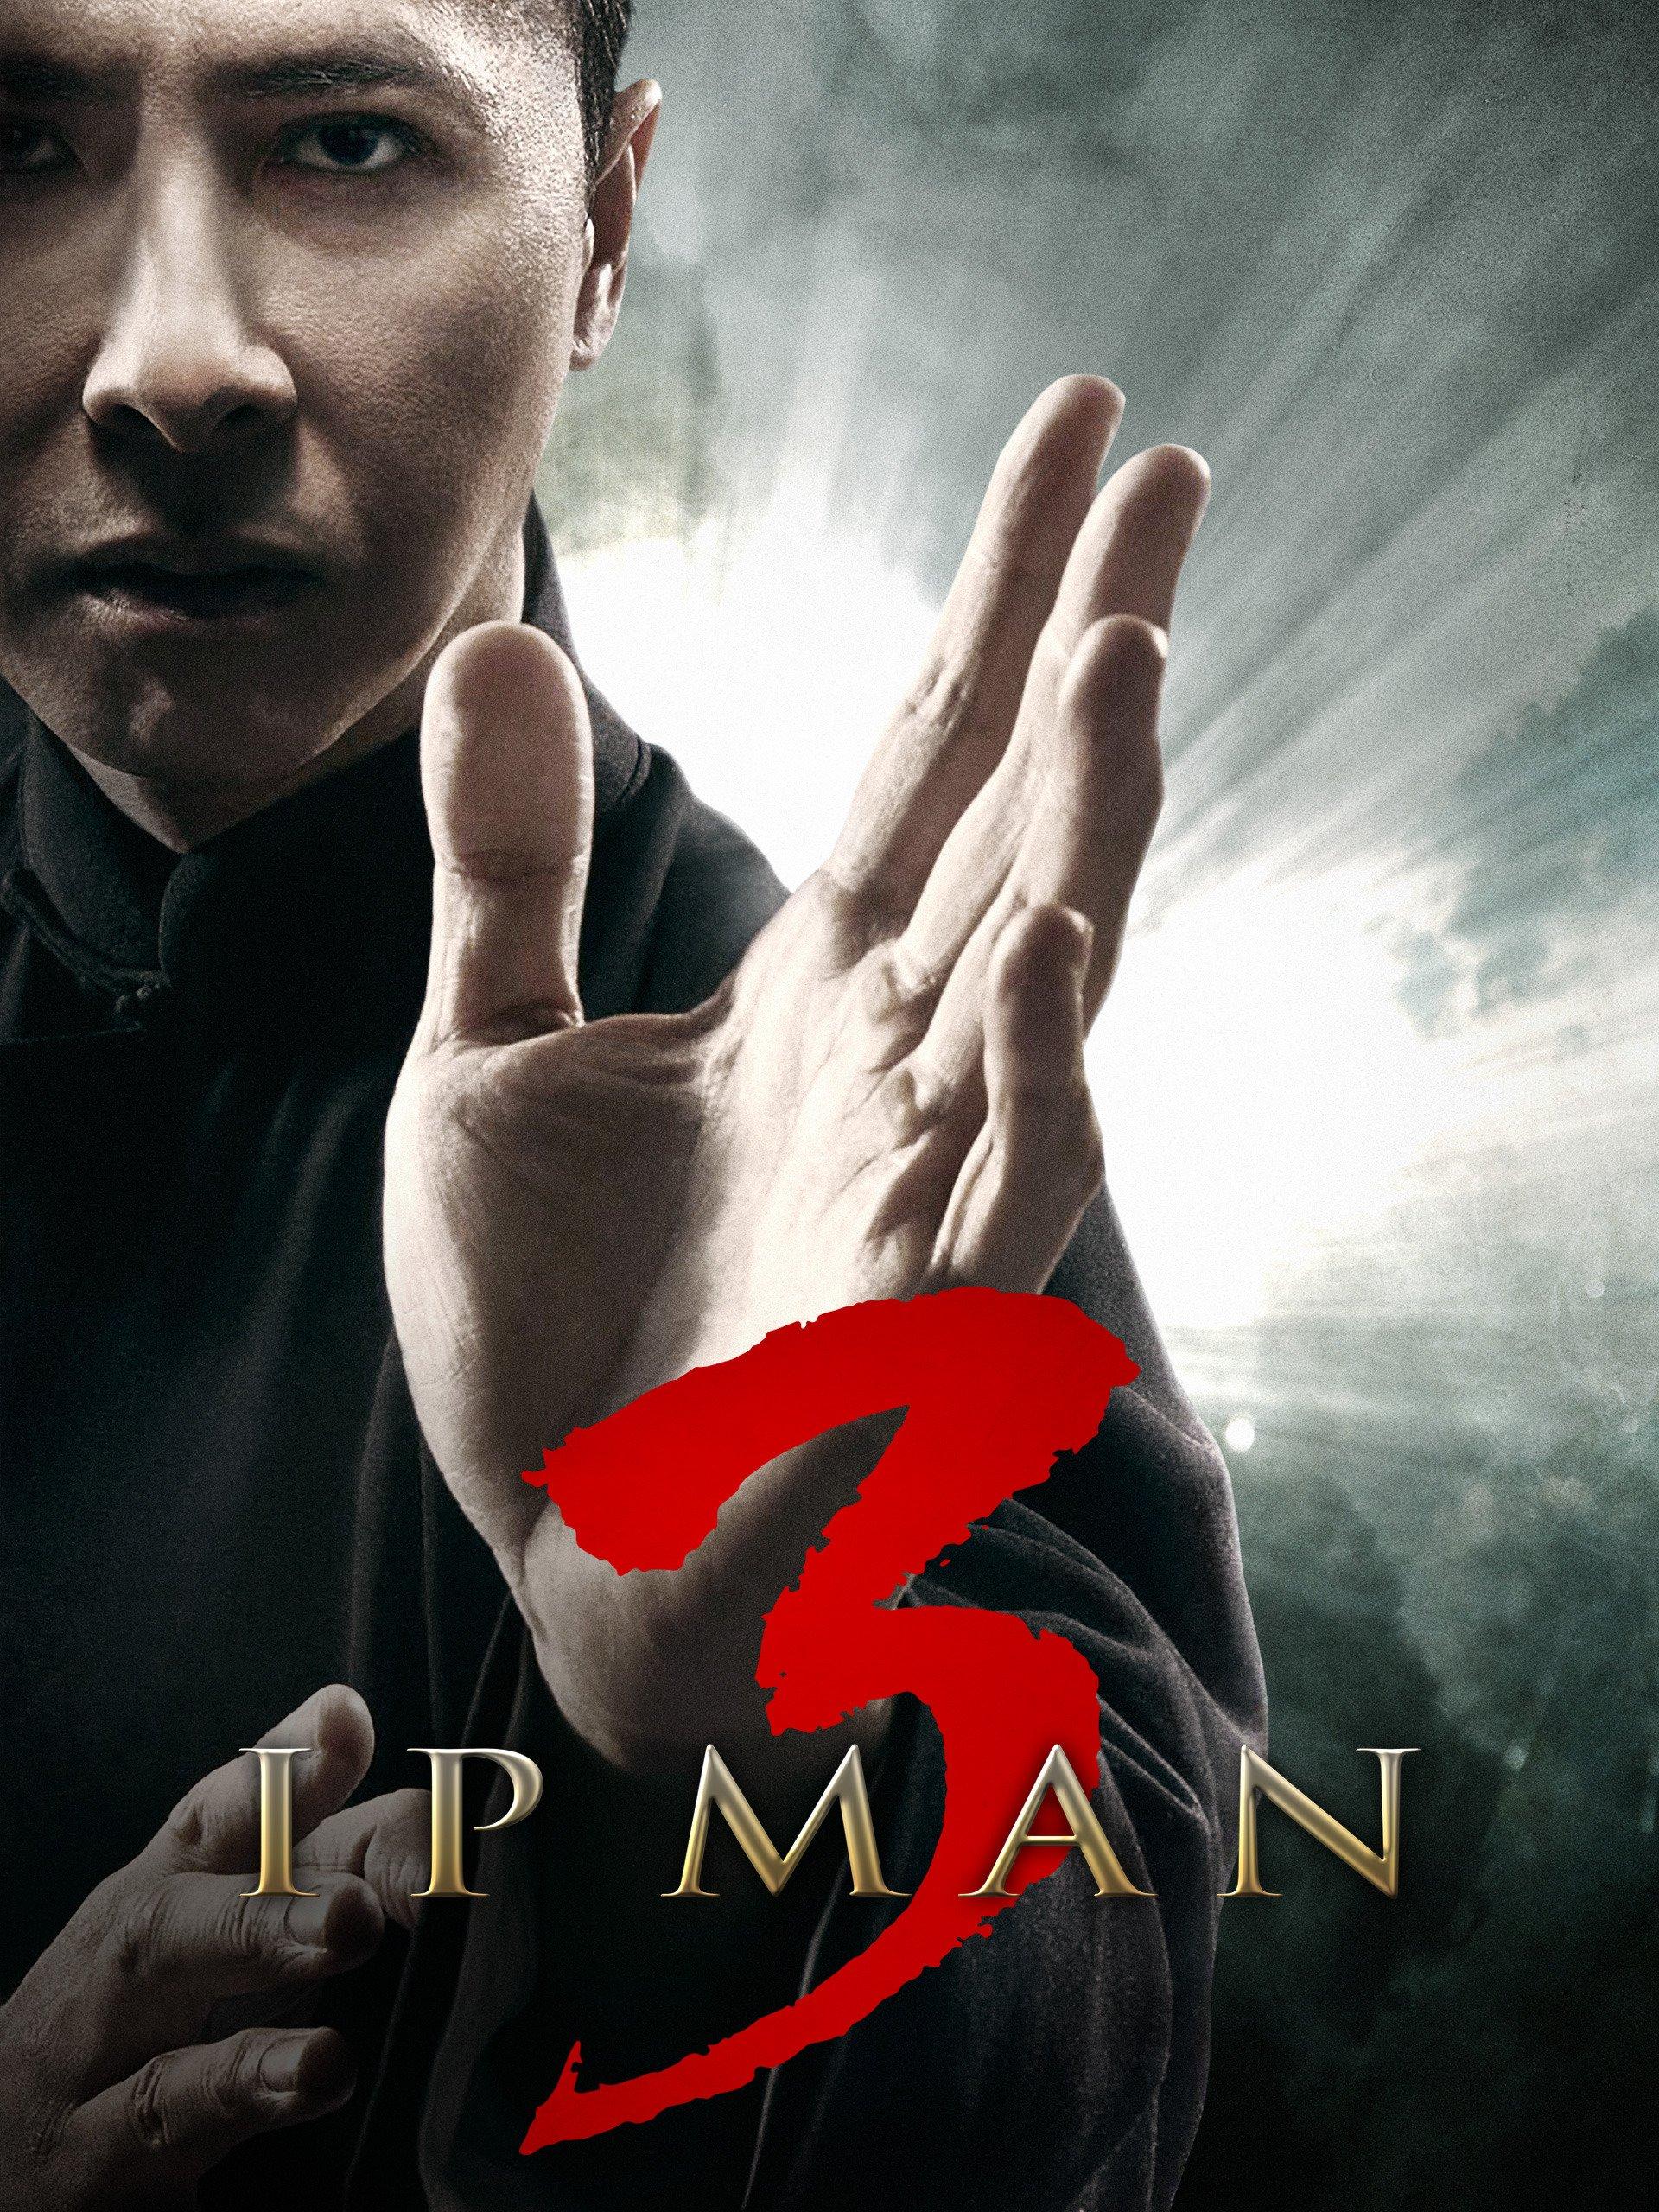 watch ip man 3 online free english